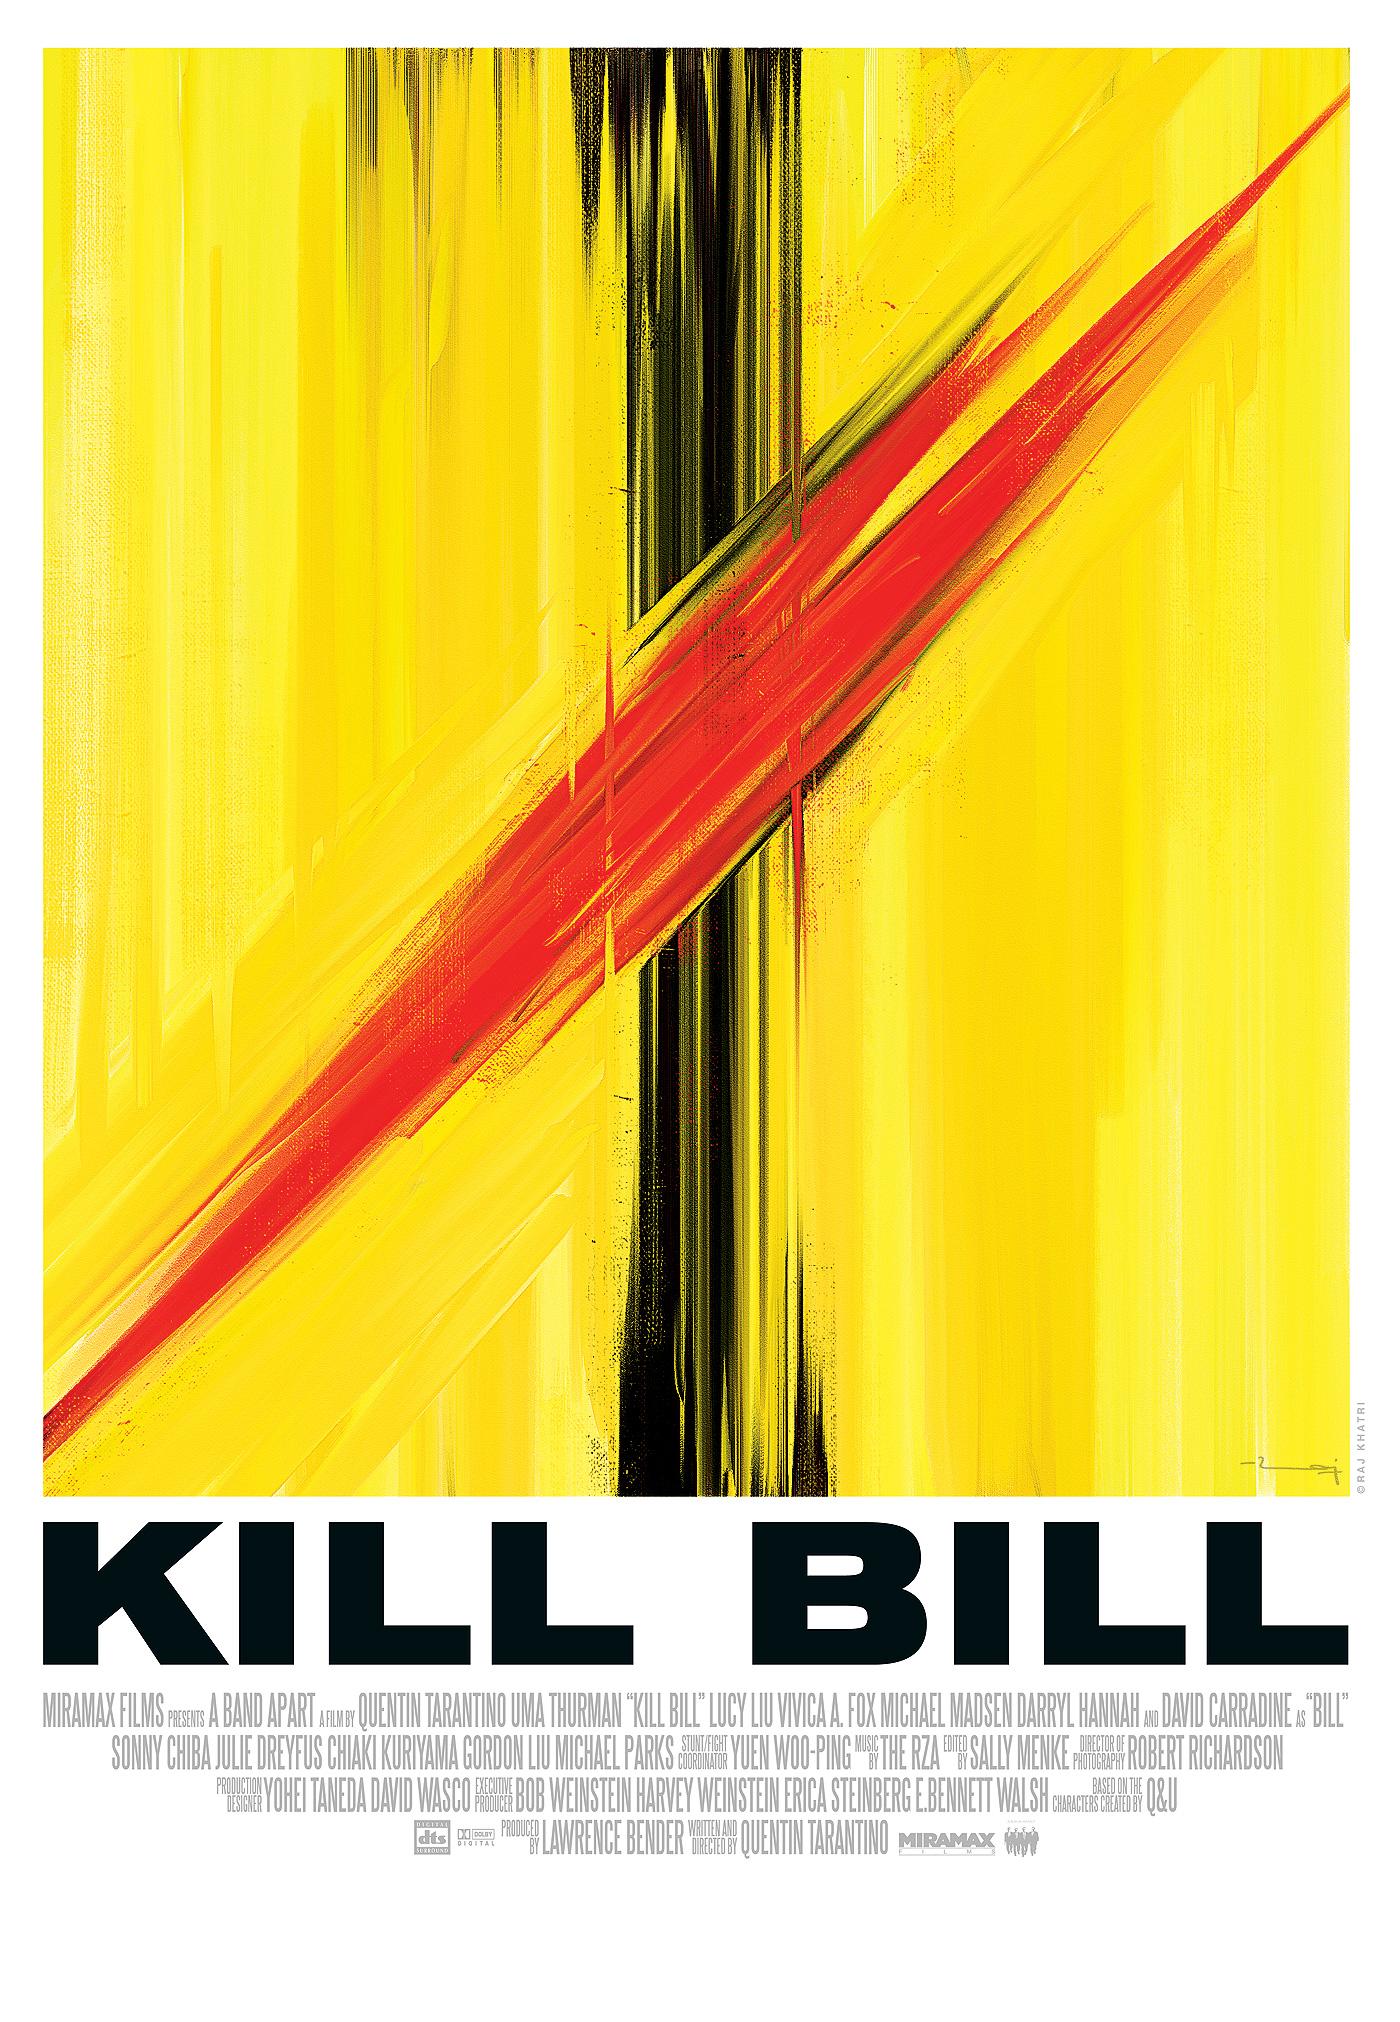 1KILLBILL (1)